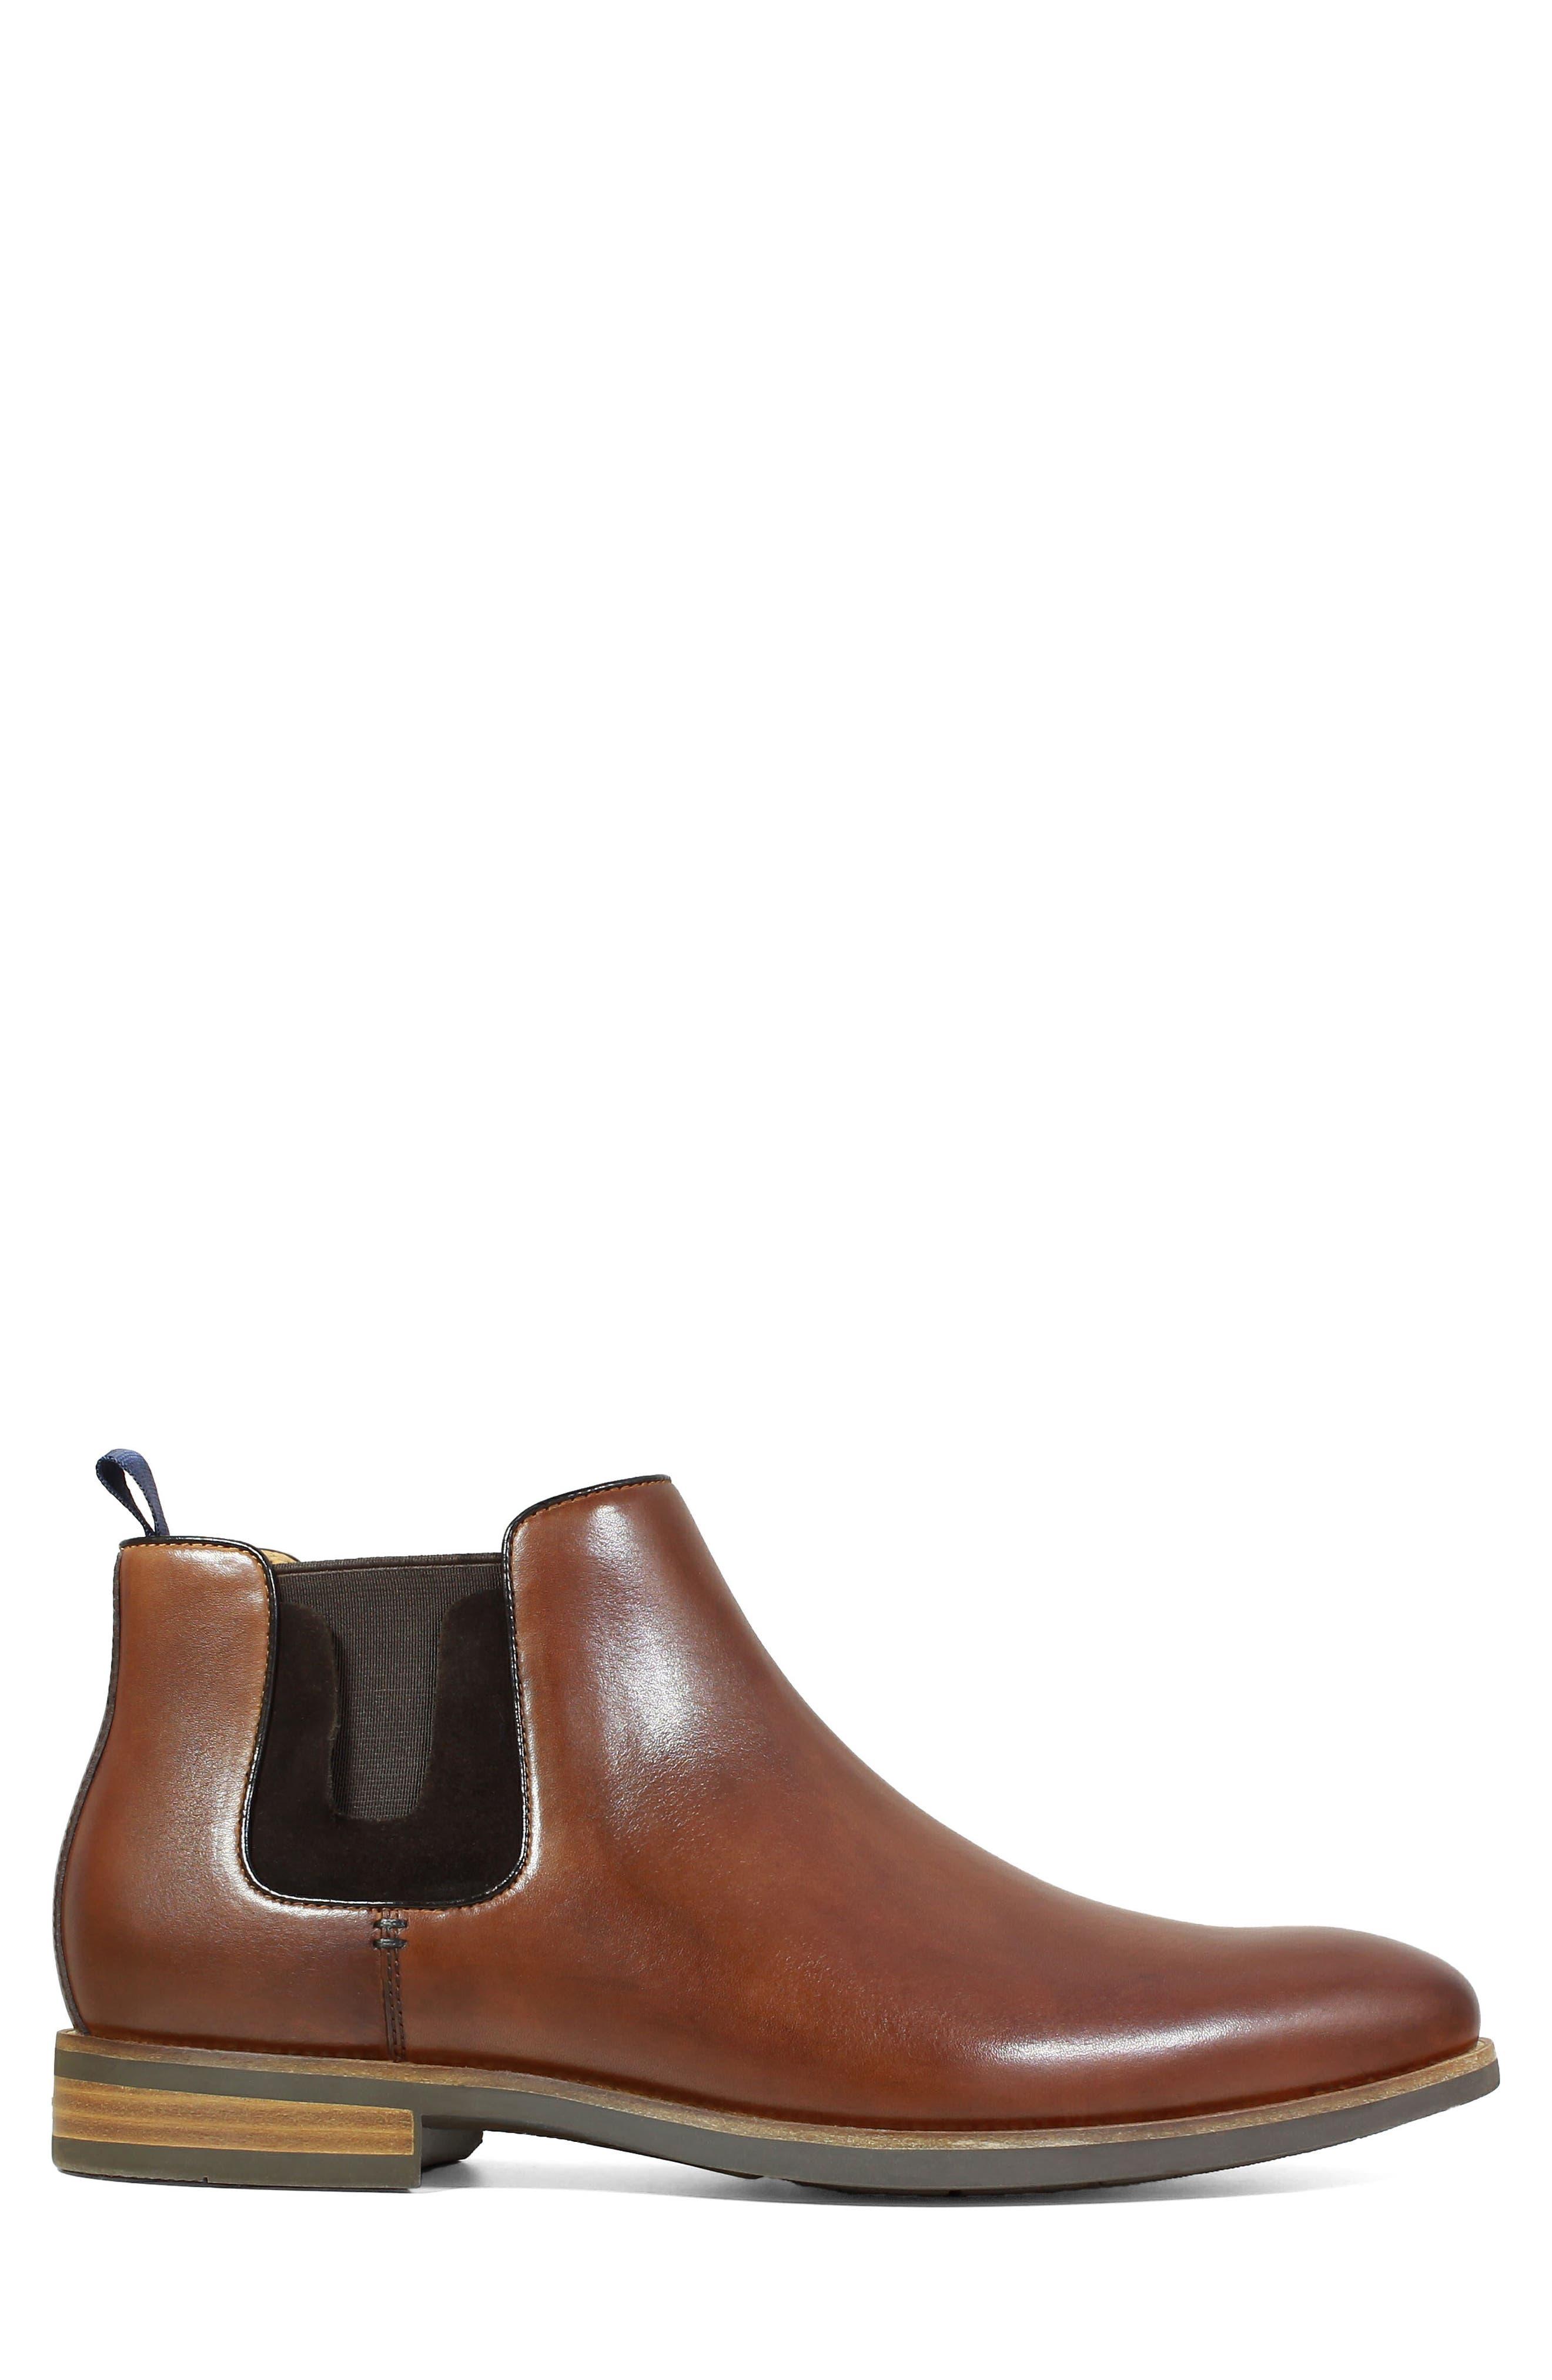 FLORSHEIM, Uptown Plain Toe Mid Chelsea Boot, Alternate thumbnail 3, color, COGNAC LEATHER